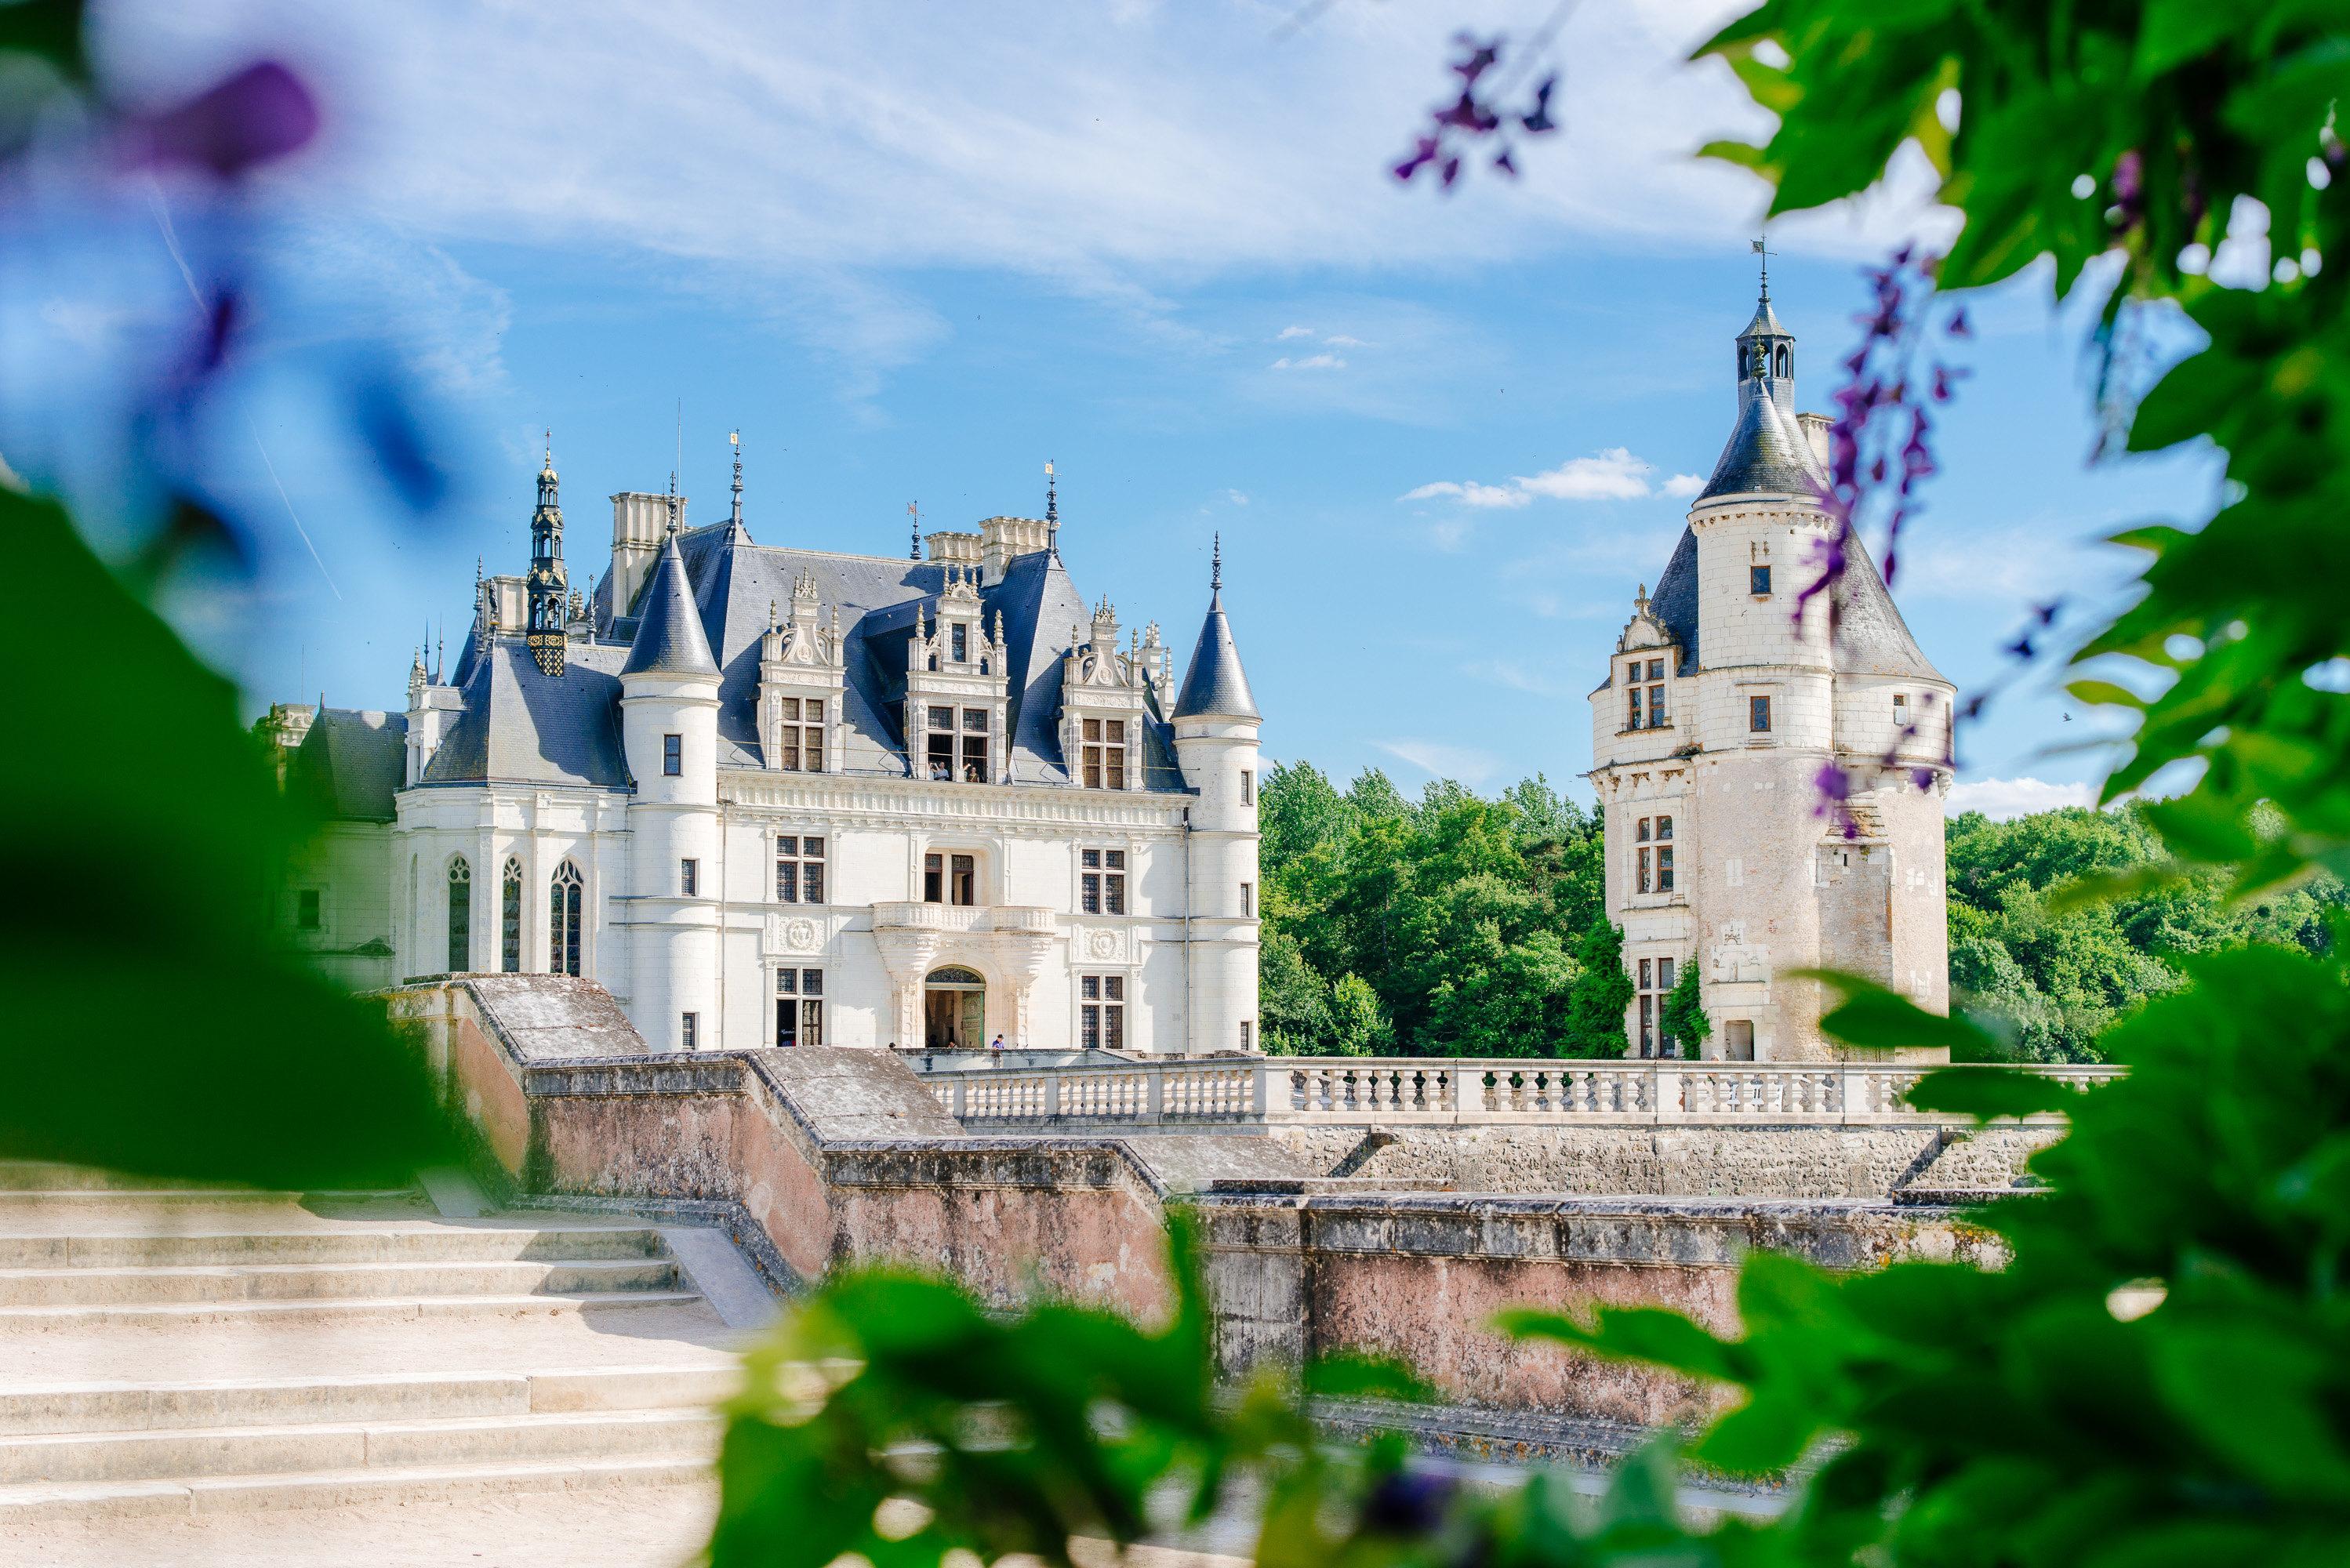 Chateau de Chenonceau旅游景点图片